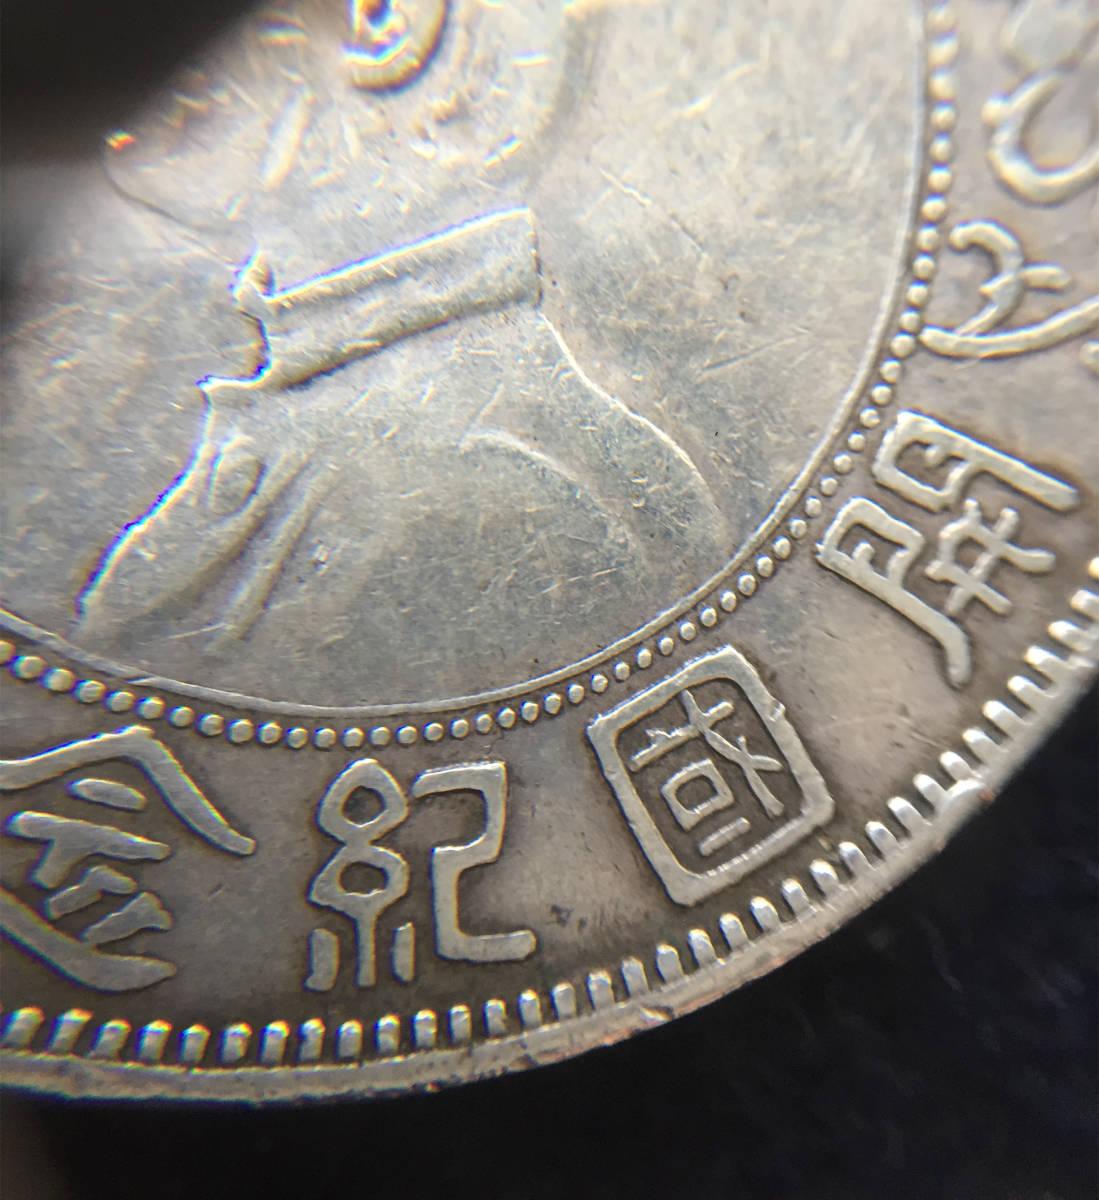 中国 中華民国 孫文 開国記念幣 1円 壹圓 ONE DOLLAR 銀貨 硬貨 古銭 コイン_画像5